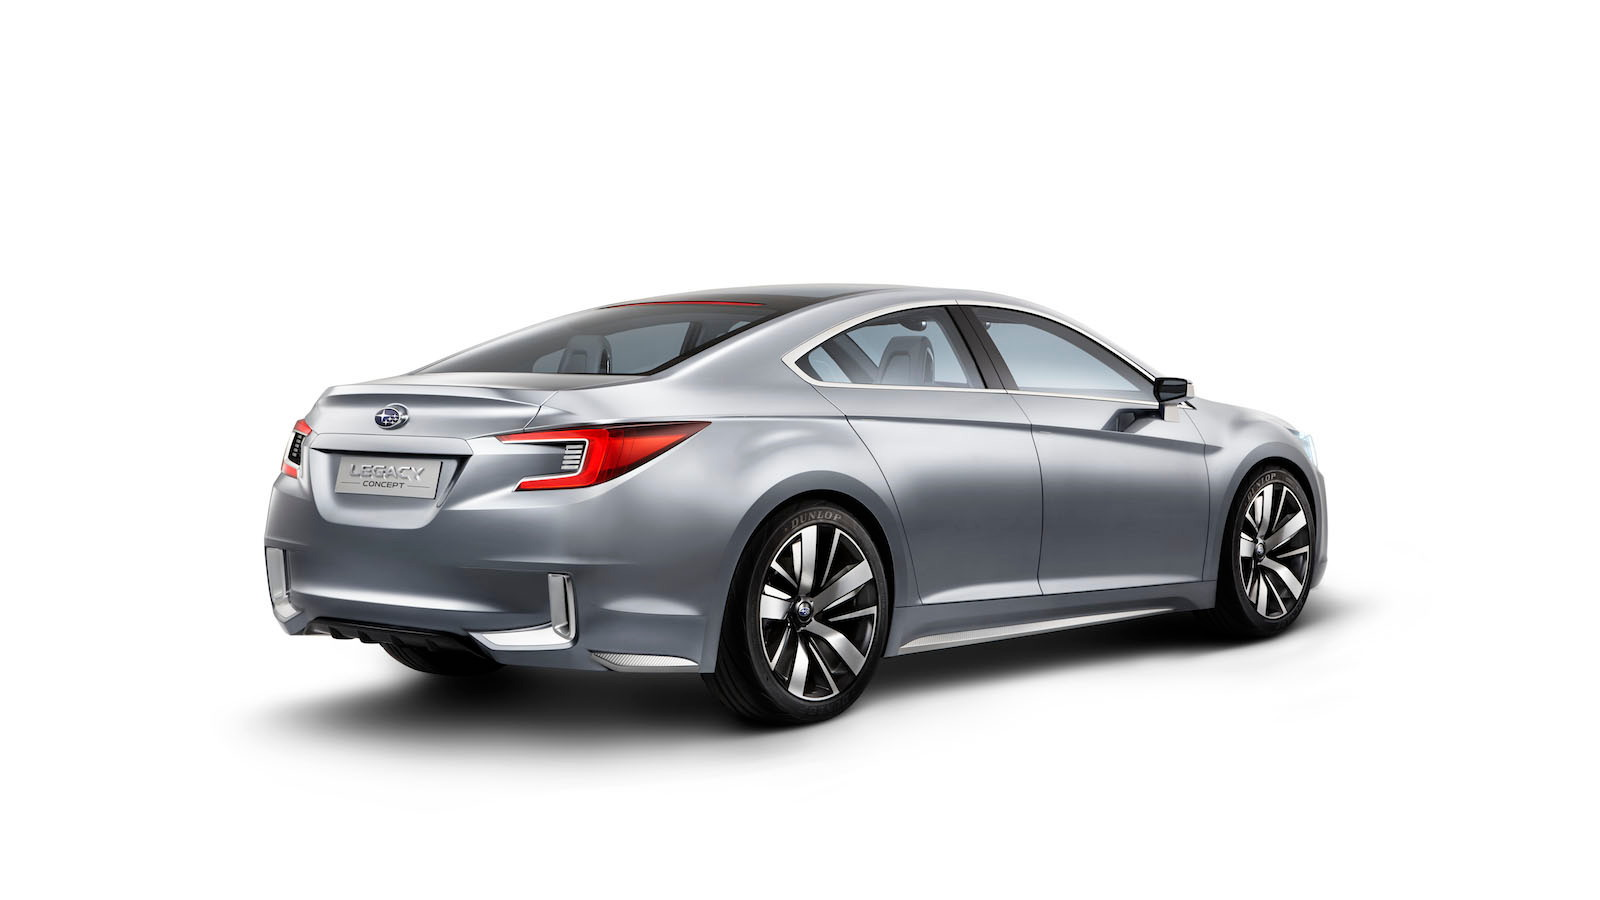 2015 Subaru Legacy Concept